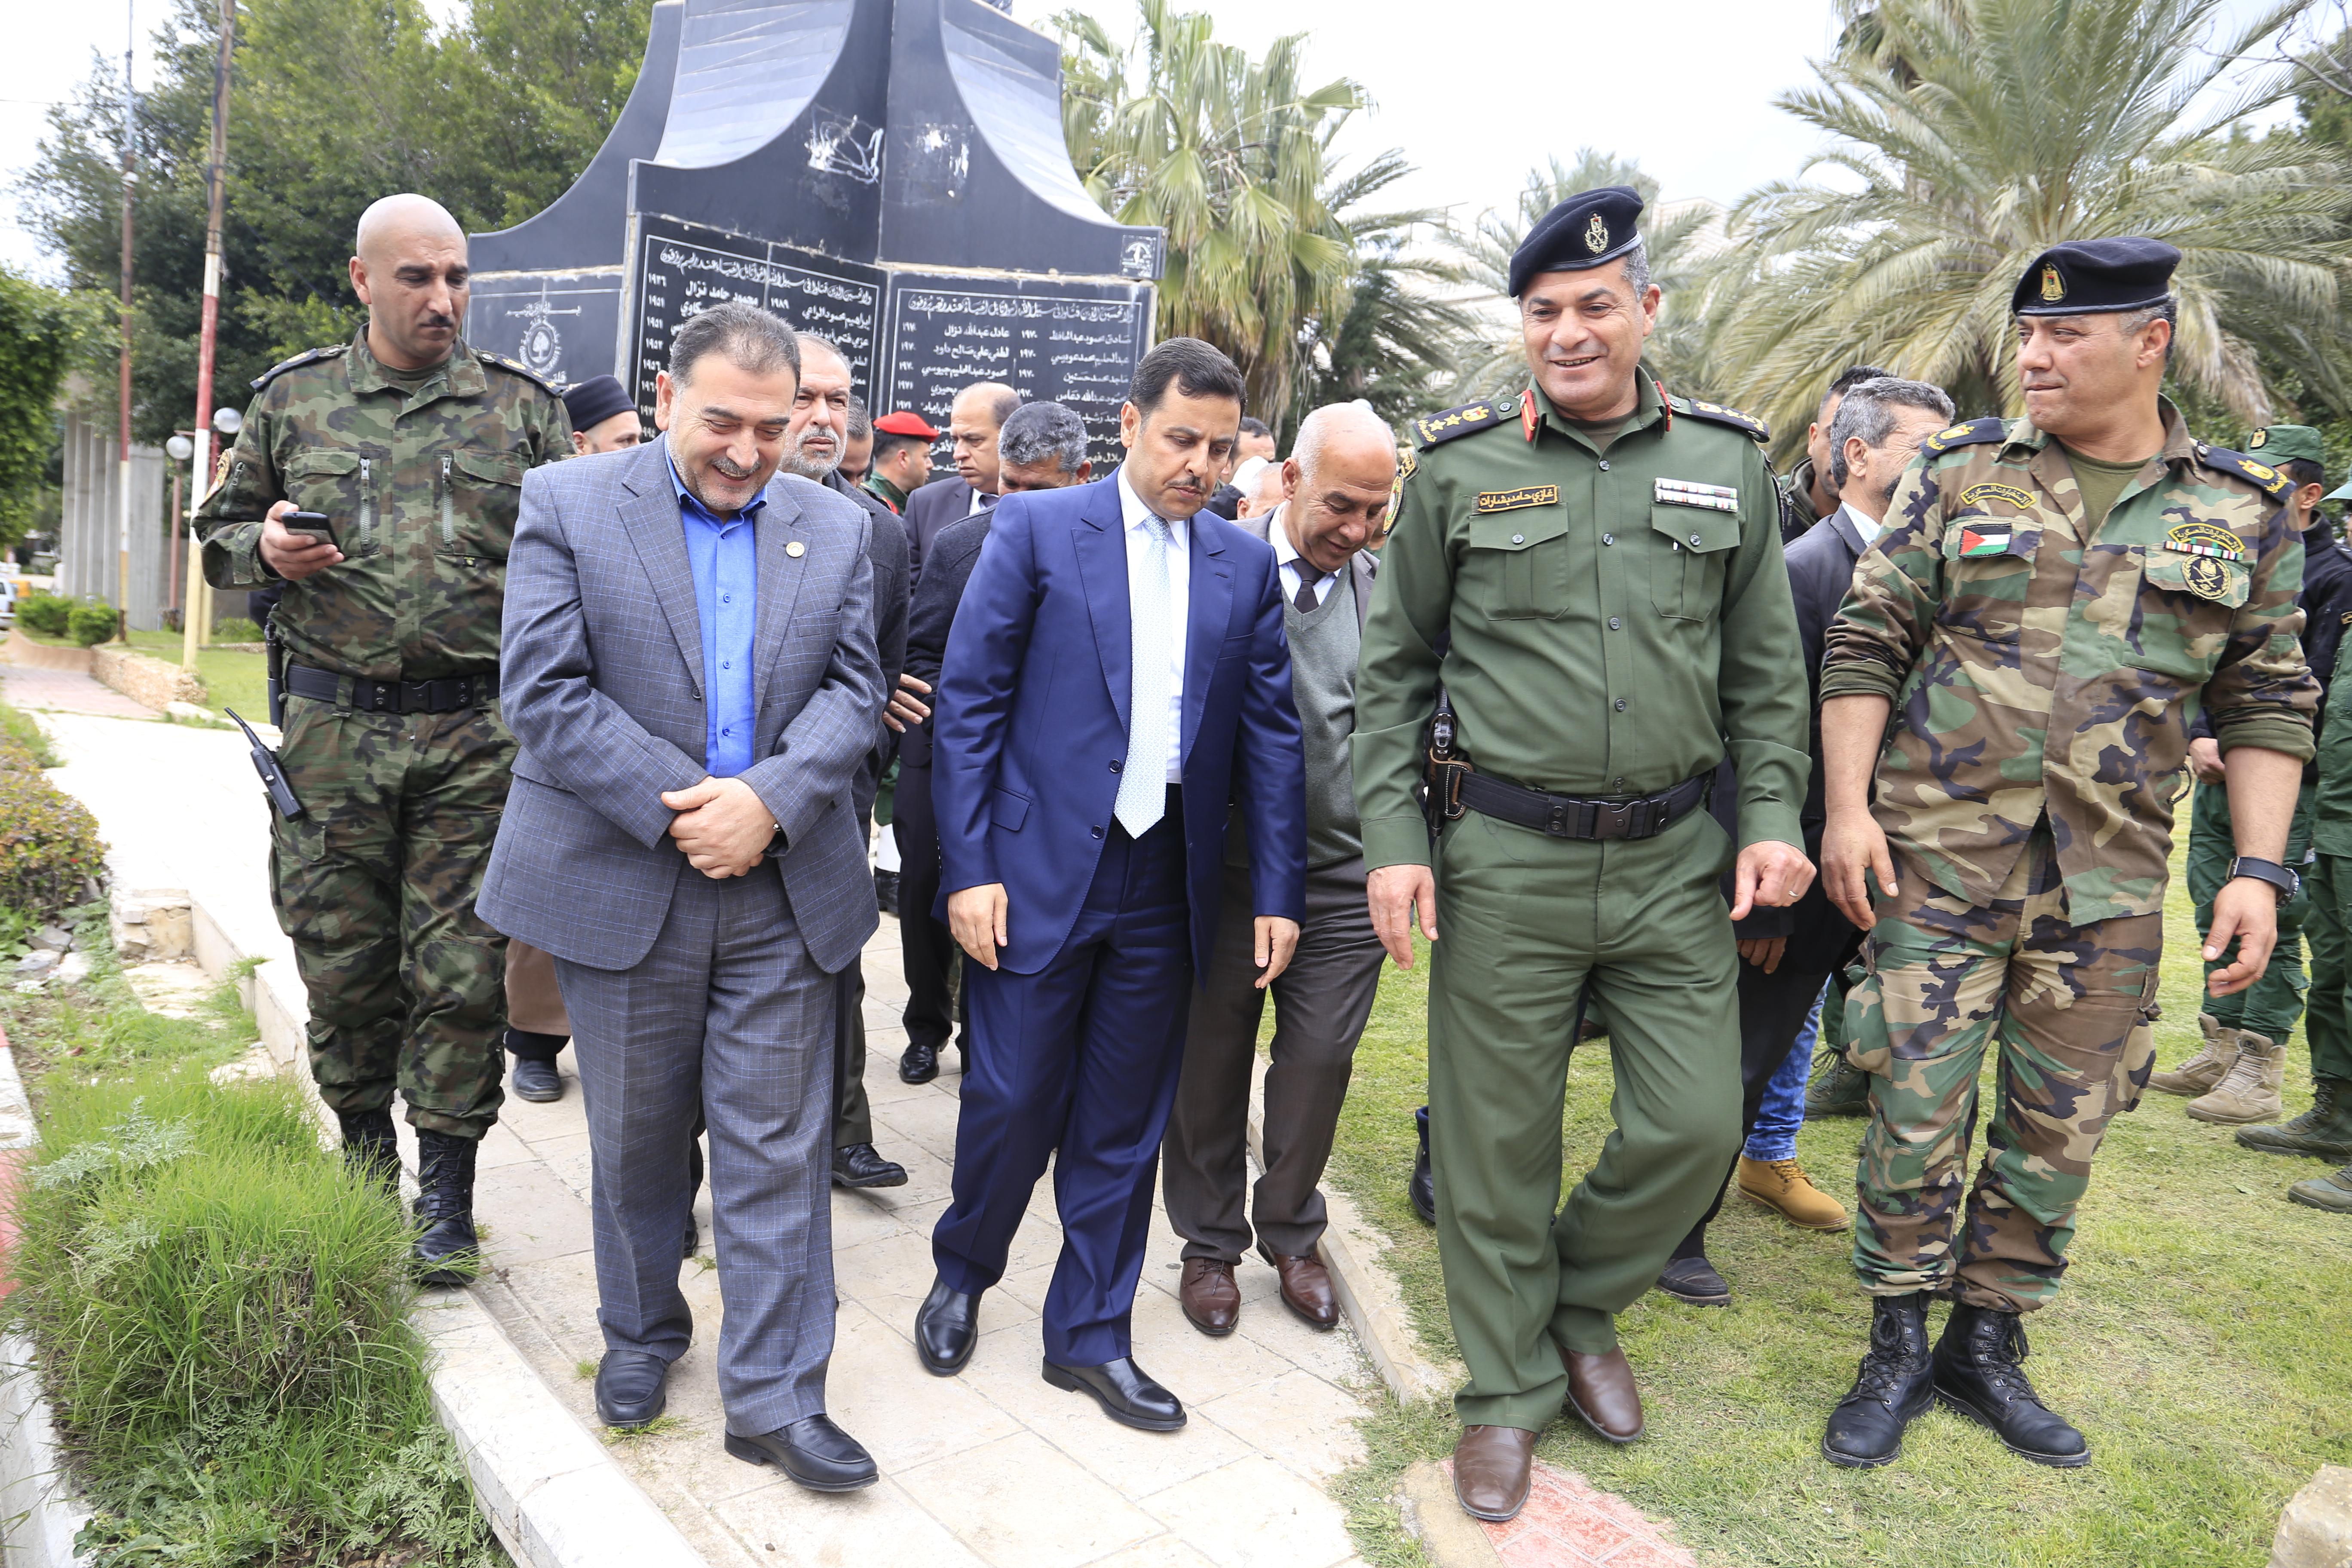 مشاركة رئيس بلدية قلقيلية د. هاشم المصري في احتفال احياء ذكرى معركة الكرامة